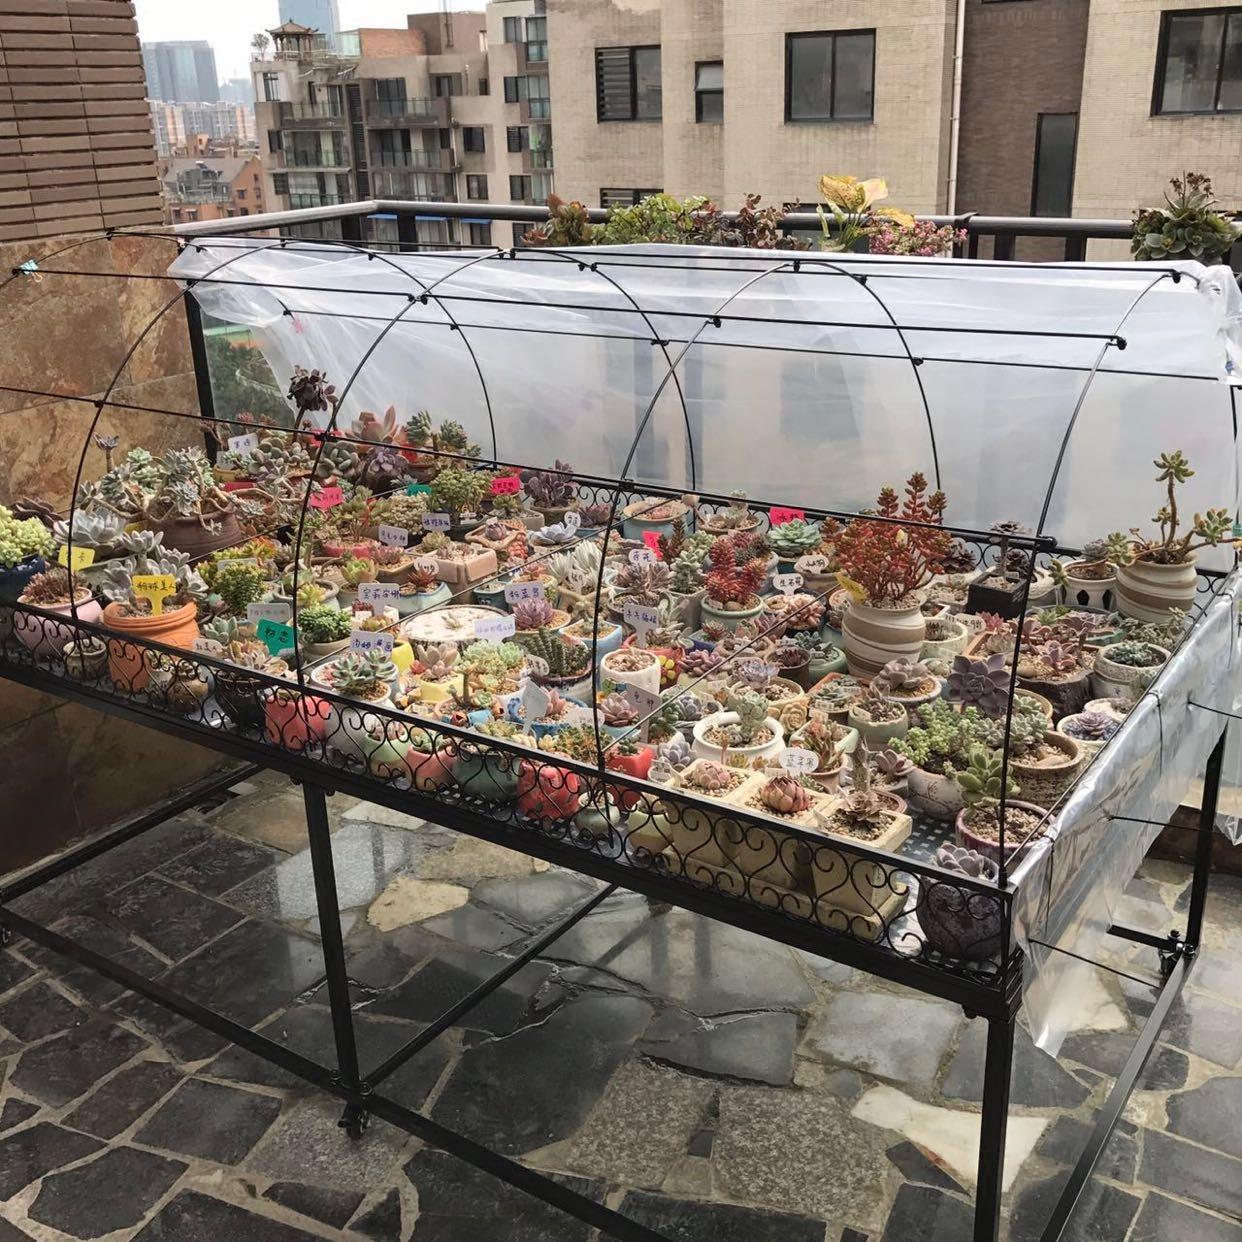 定做阳台楼顶多肉中小型可移动花架带轮花棚防雨防晒防鸟防虫保温